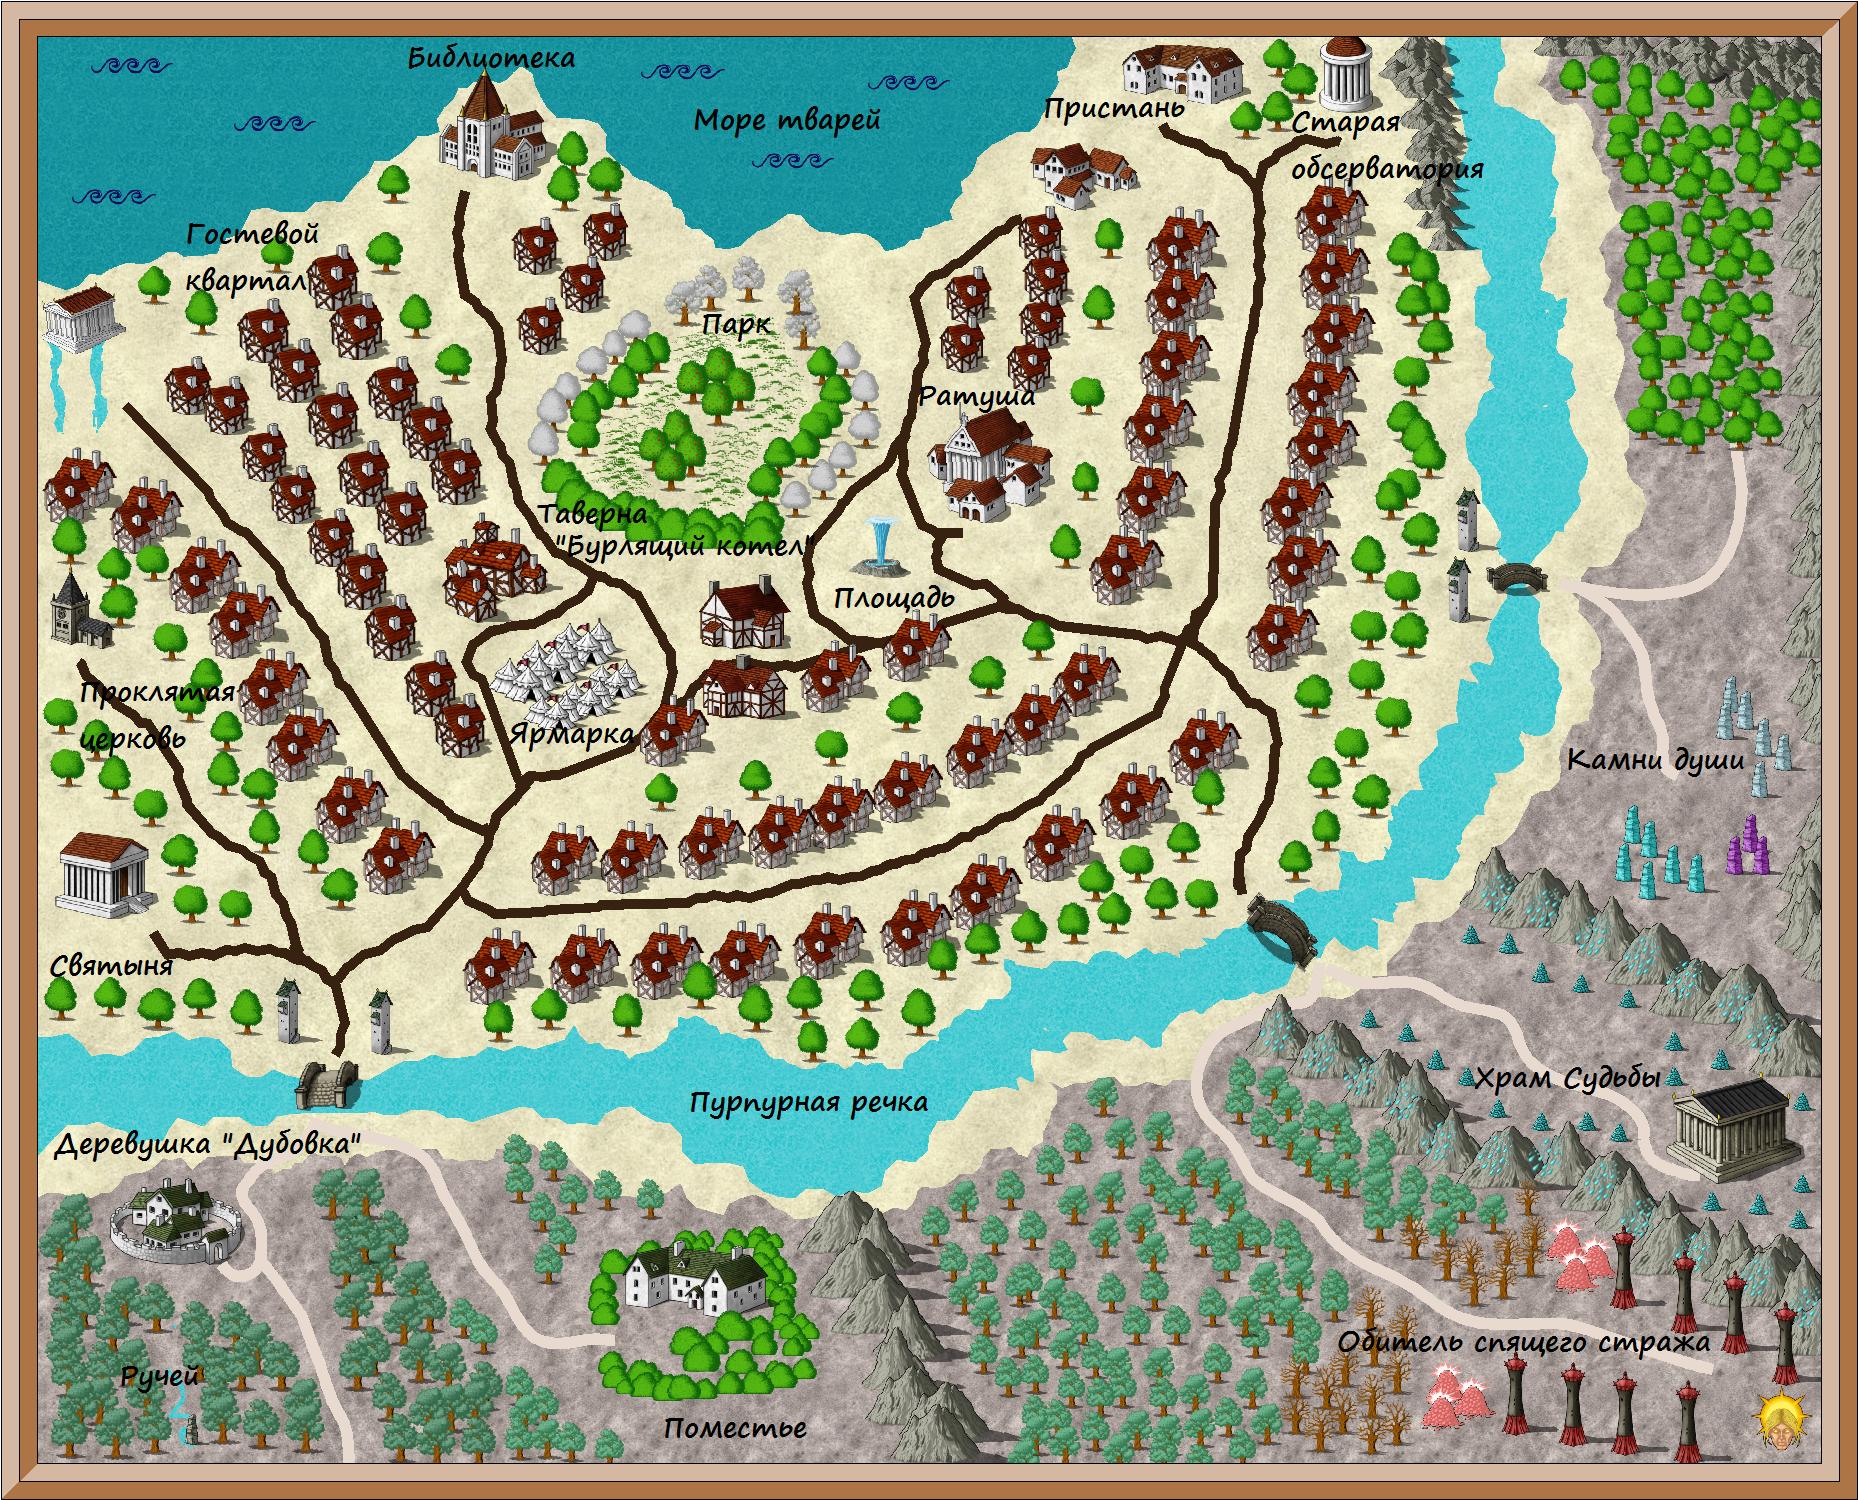 Карта KBp98